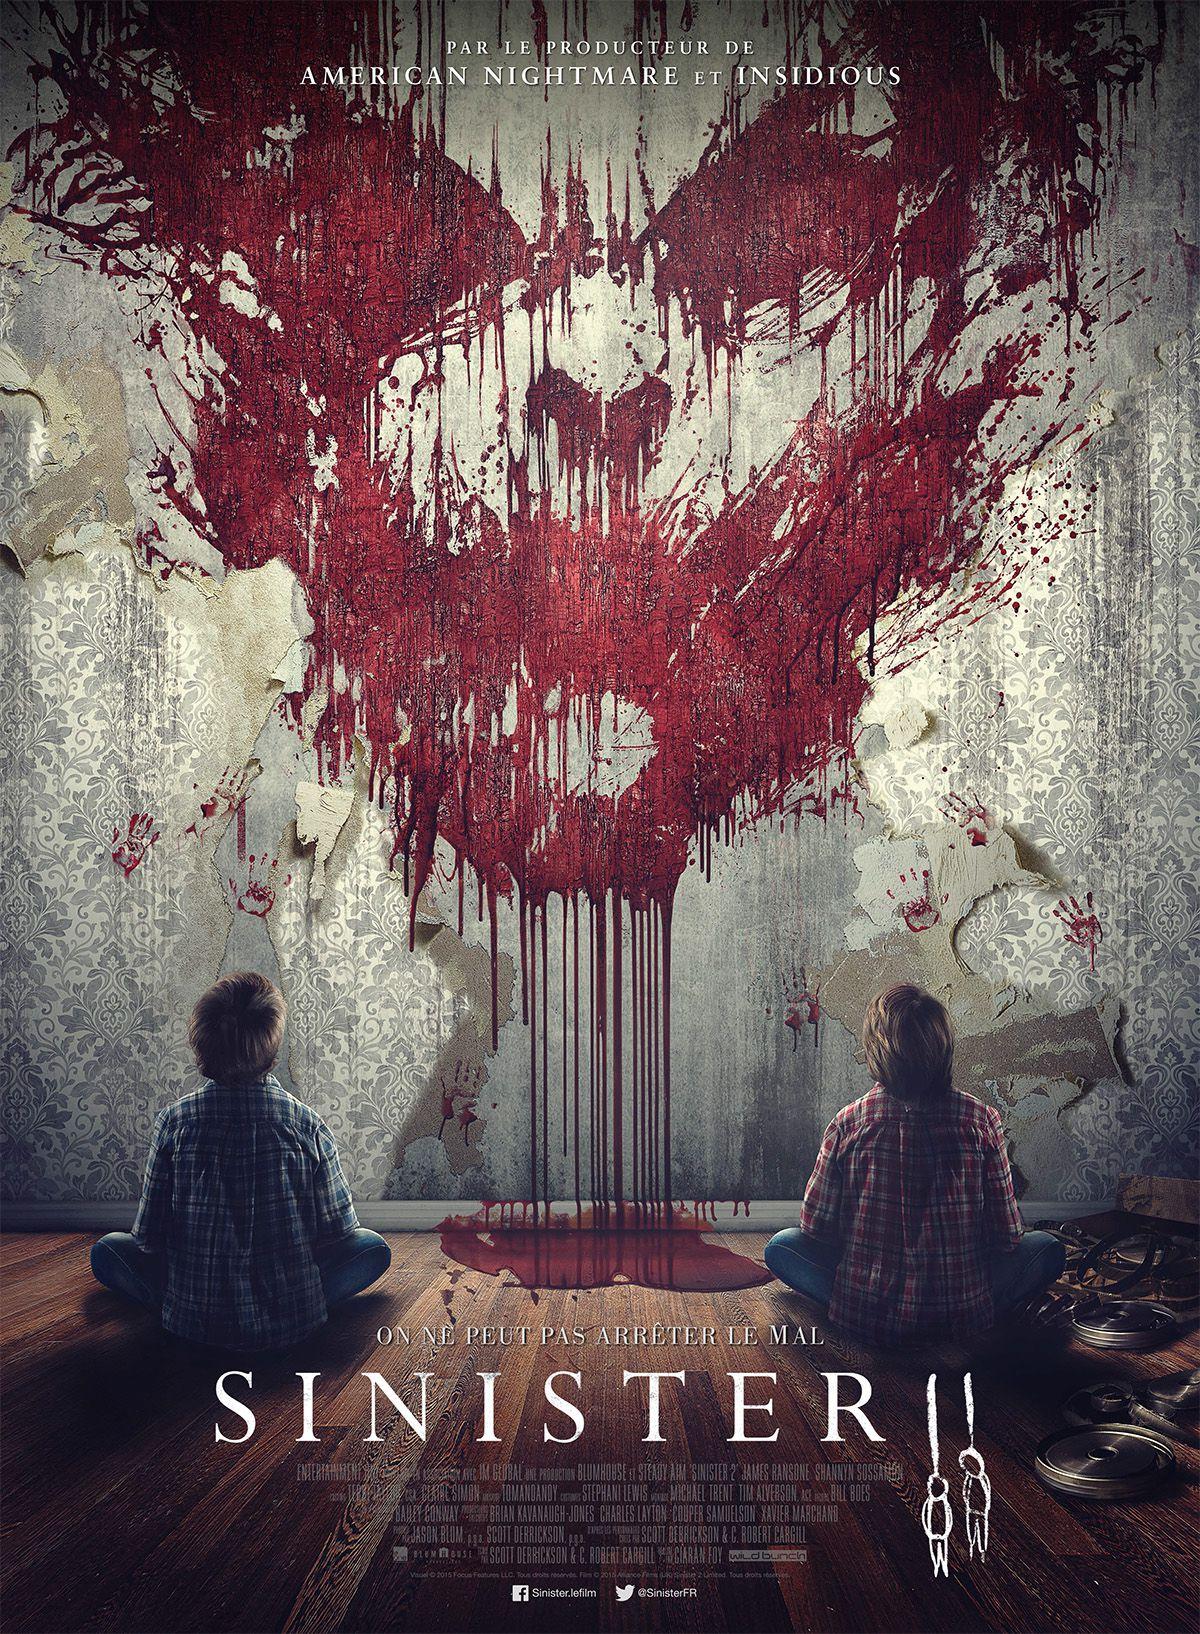 Sinister 2 - Film (2015)